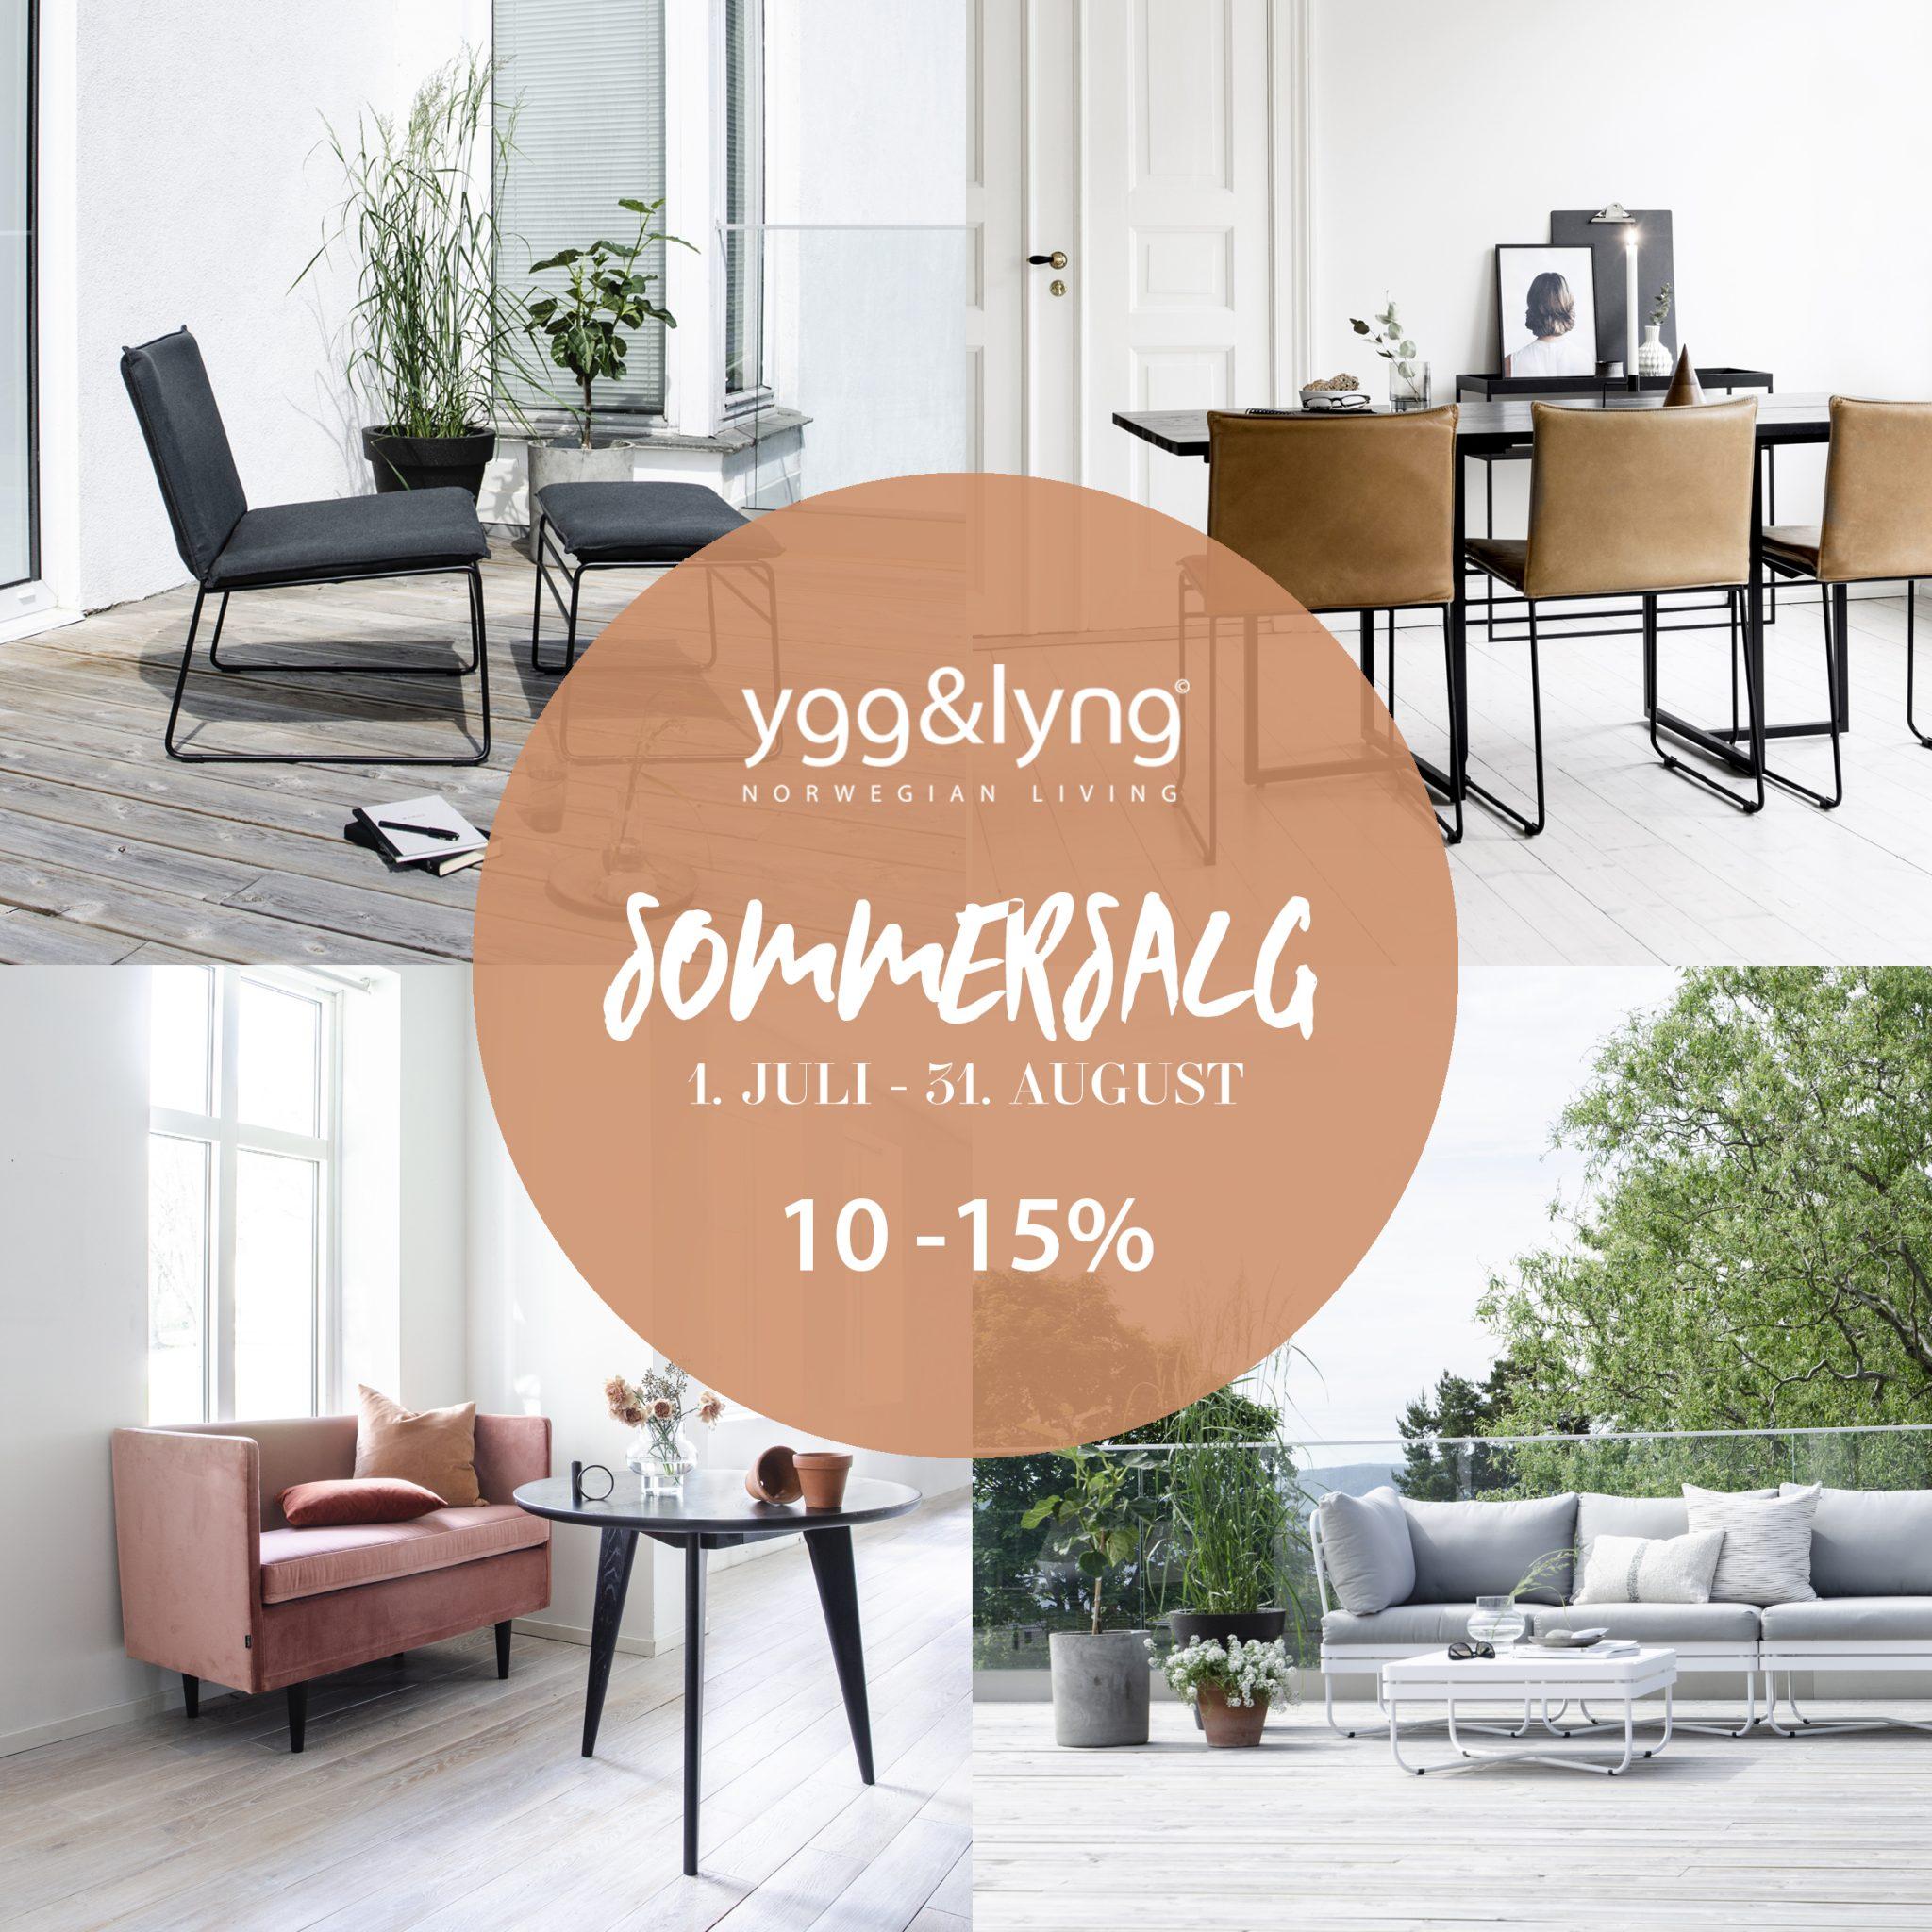 sommerslag – Ygg & lyng 2018